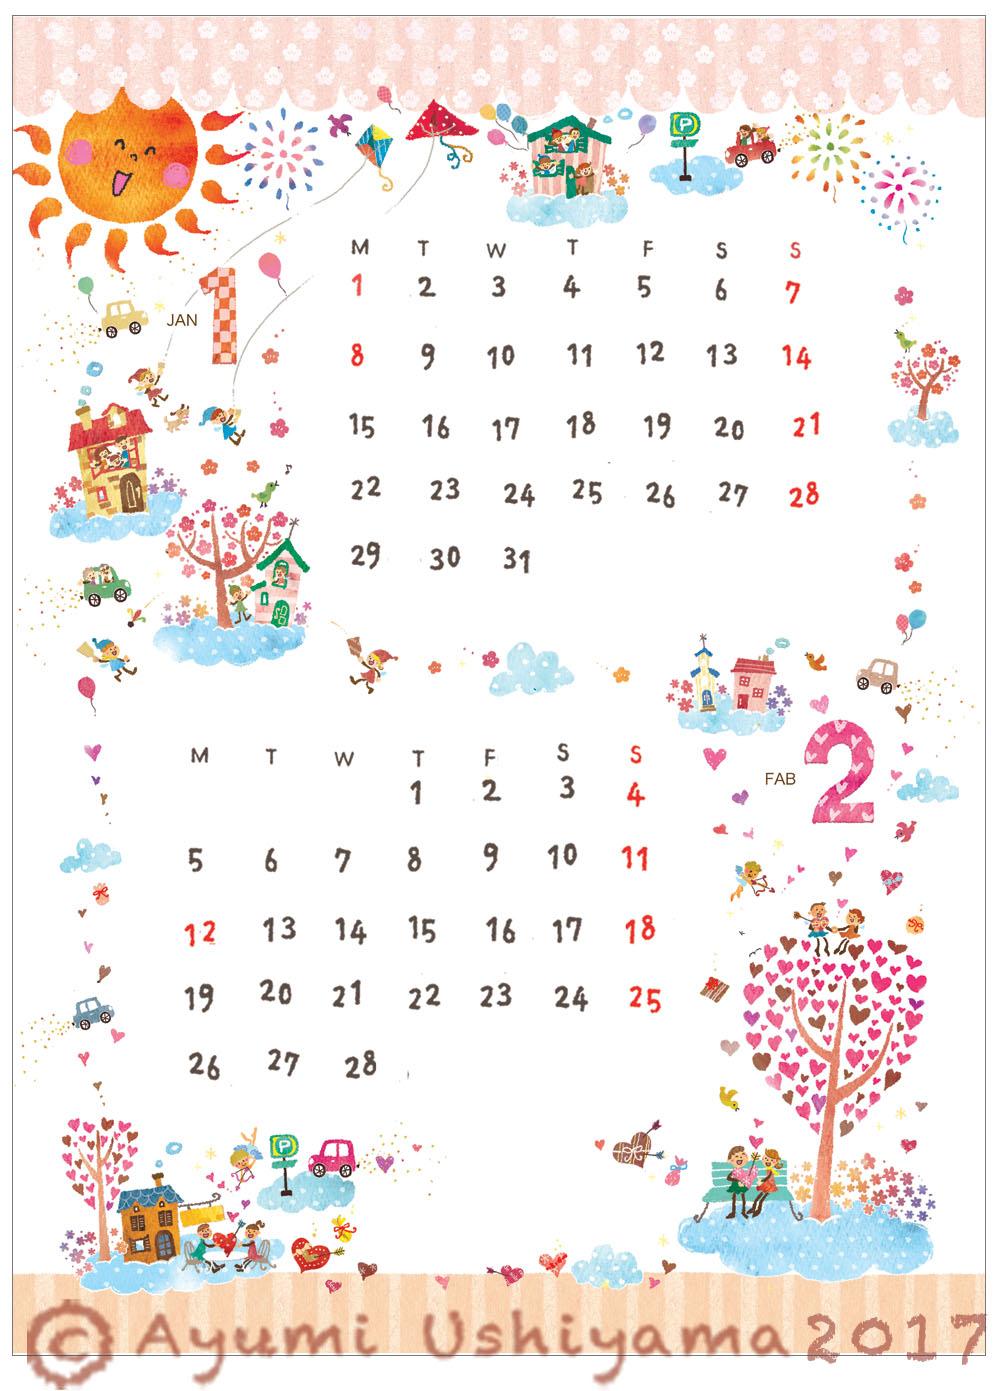 某企業様プレゼン用カレンダー フォトショップ 2017